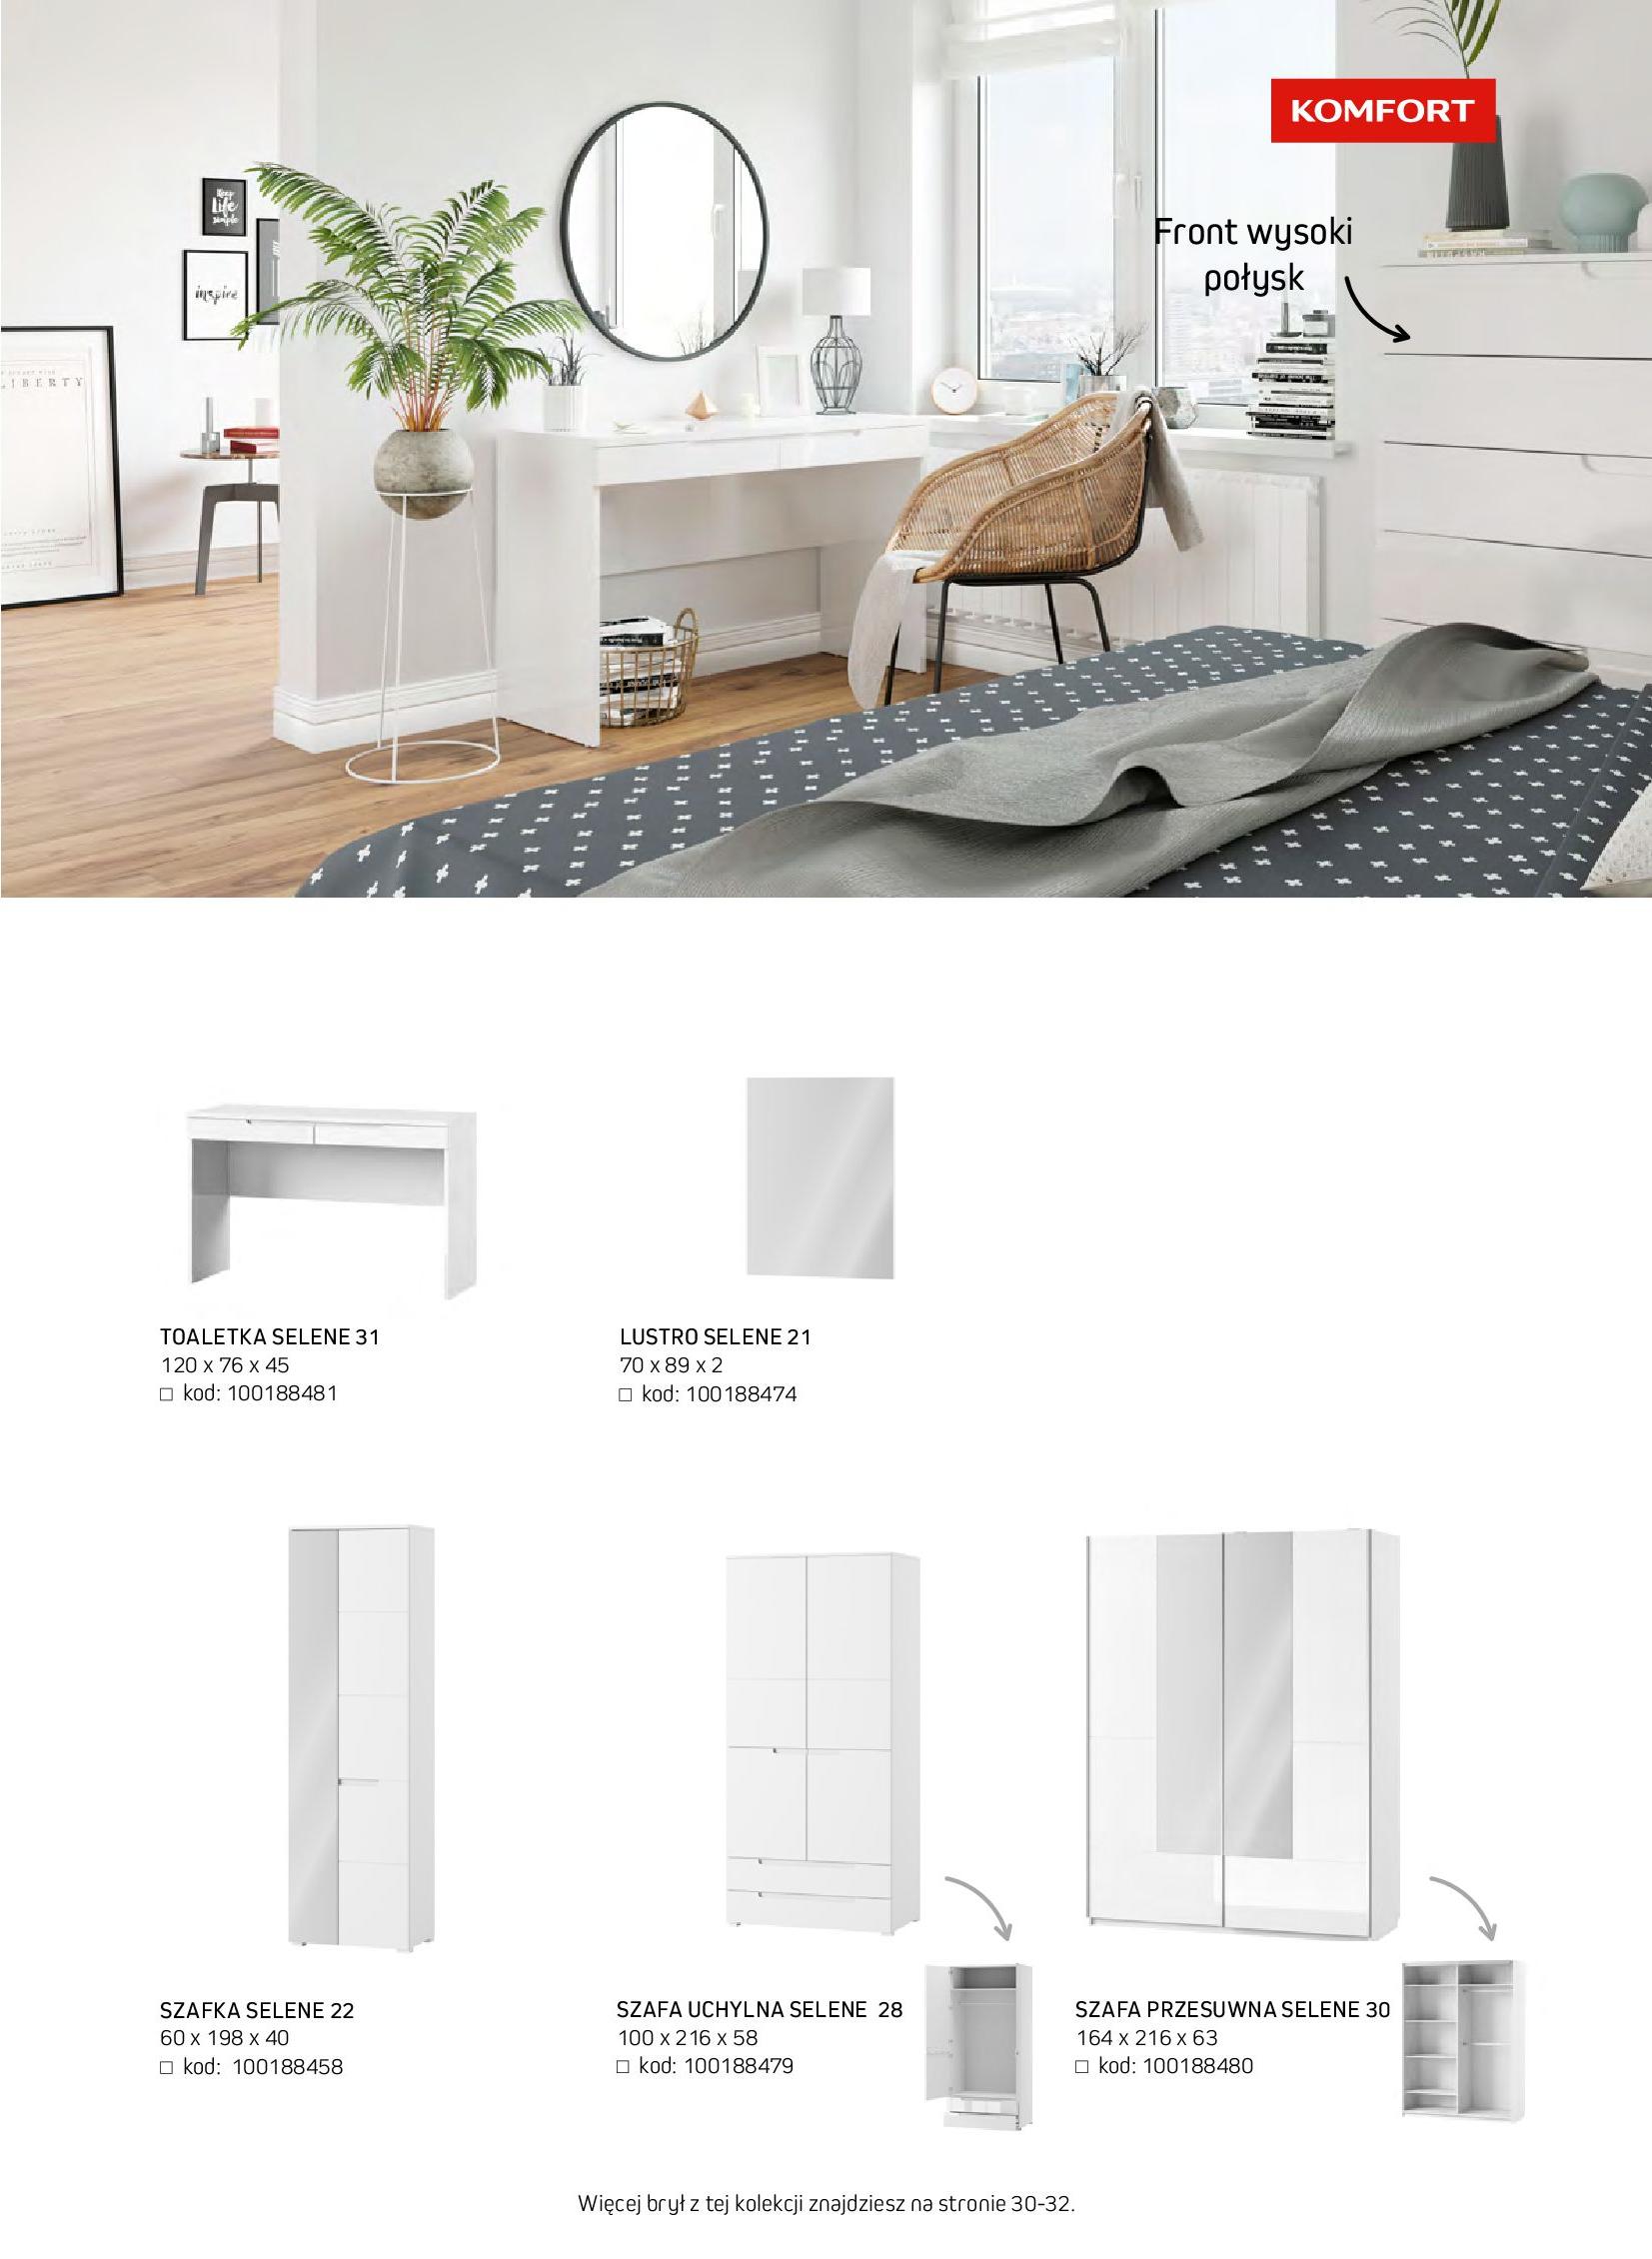 Gazetka Komfort: Gazetka komfort - Meble i oświetlenie 2021-08-26 page-55